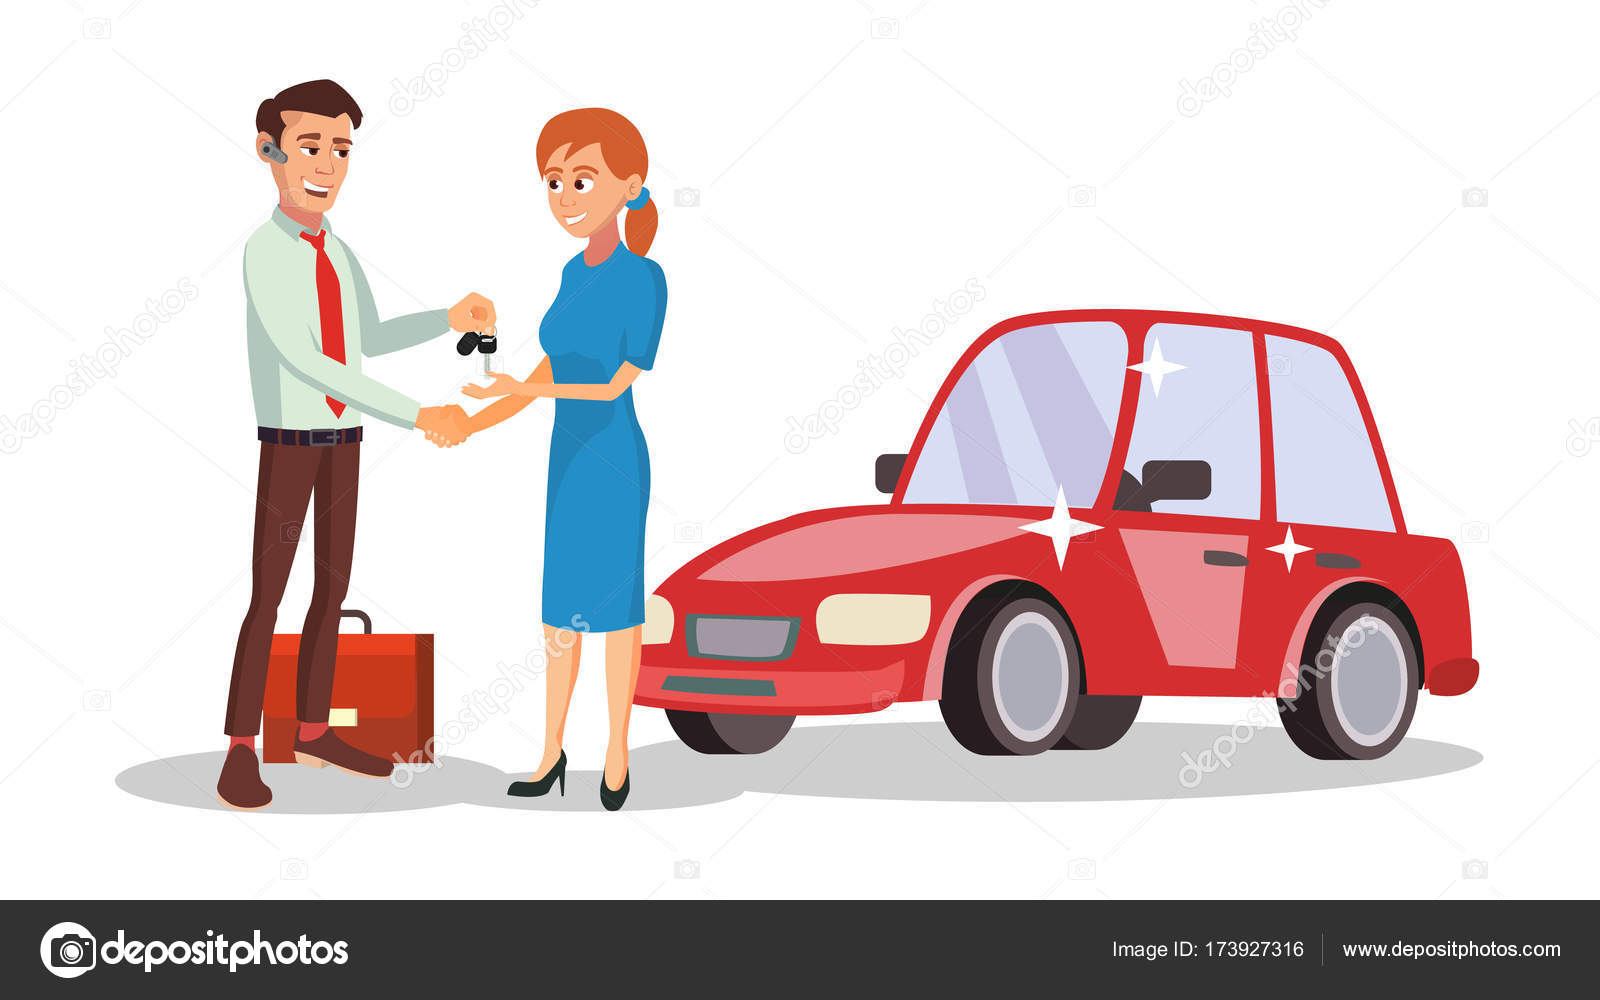 Car Dealer Deposit